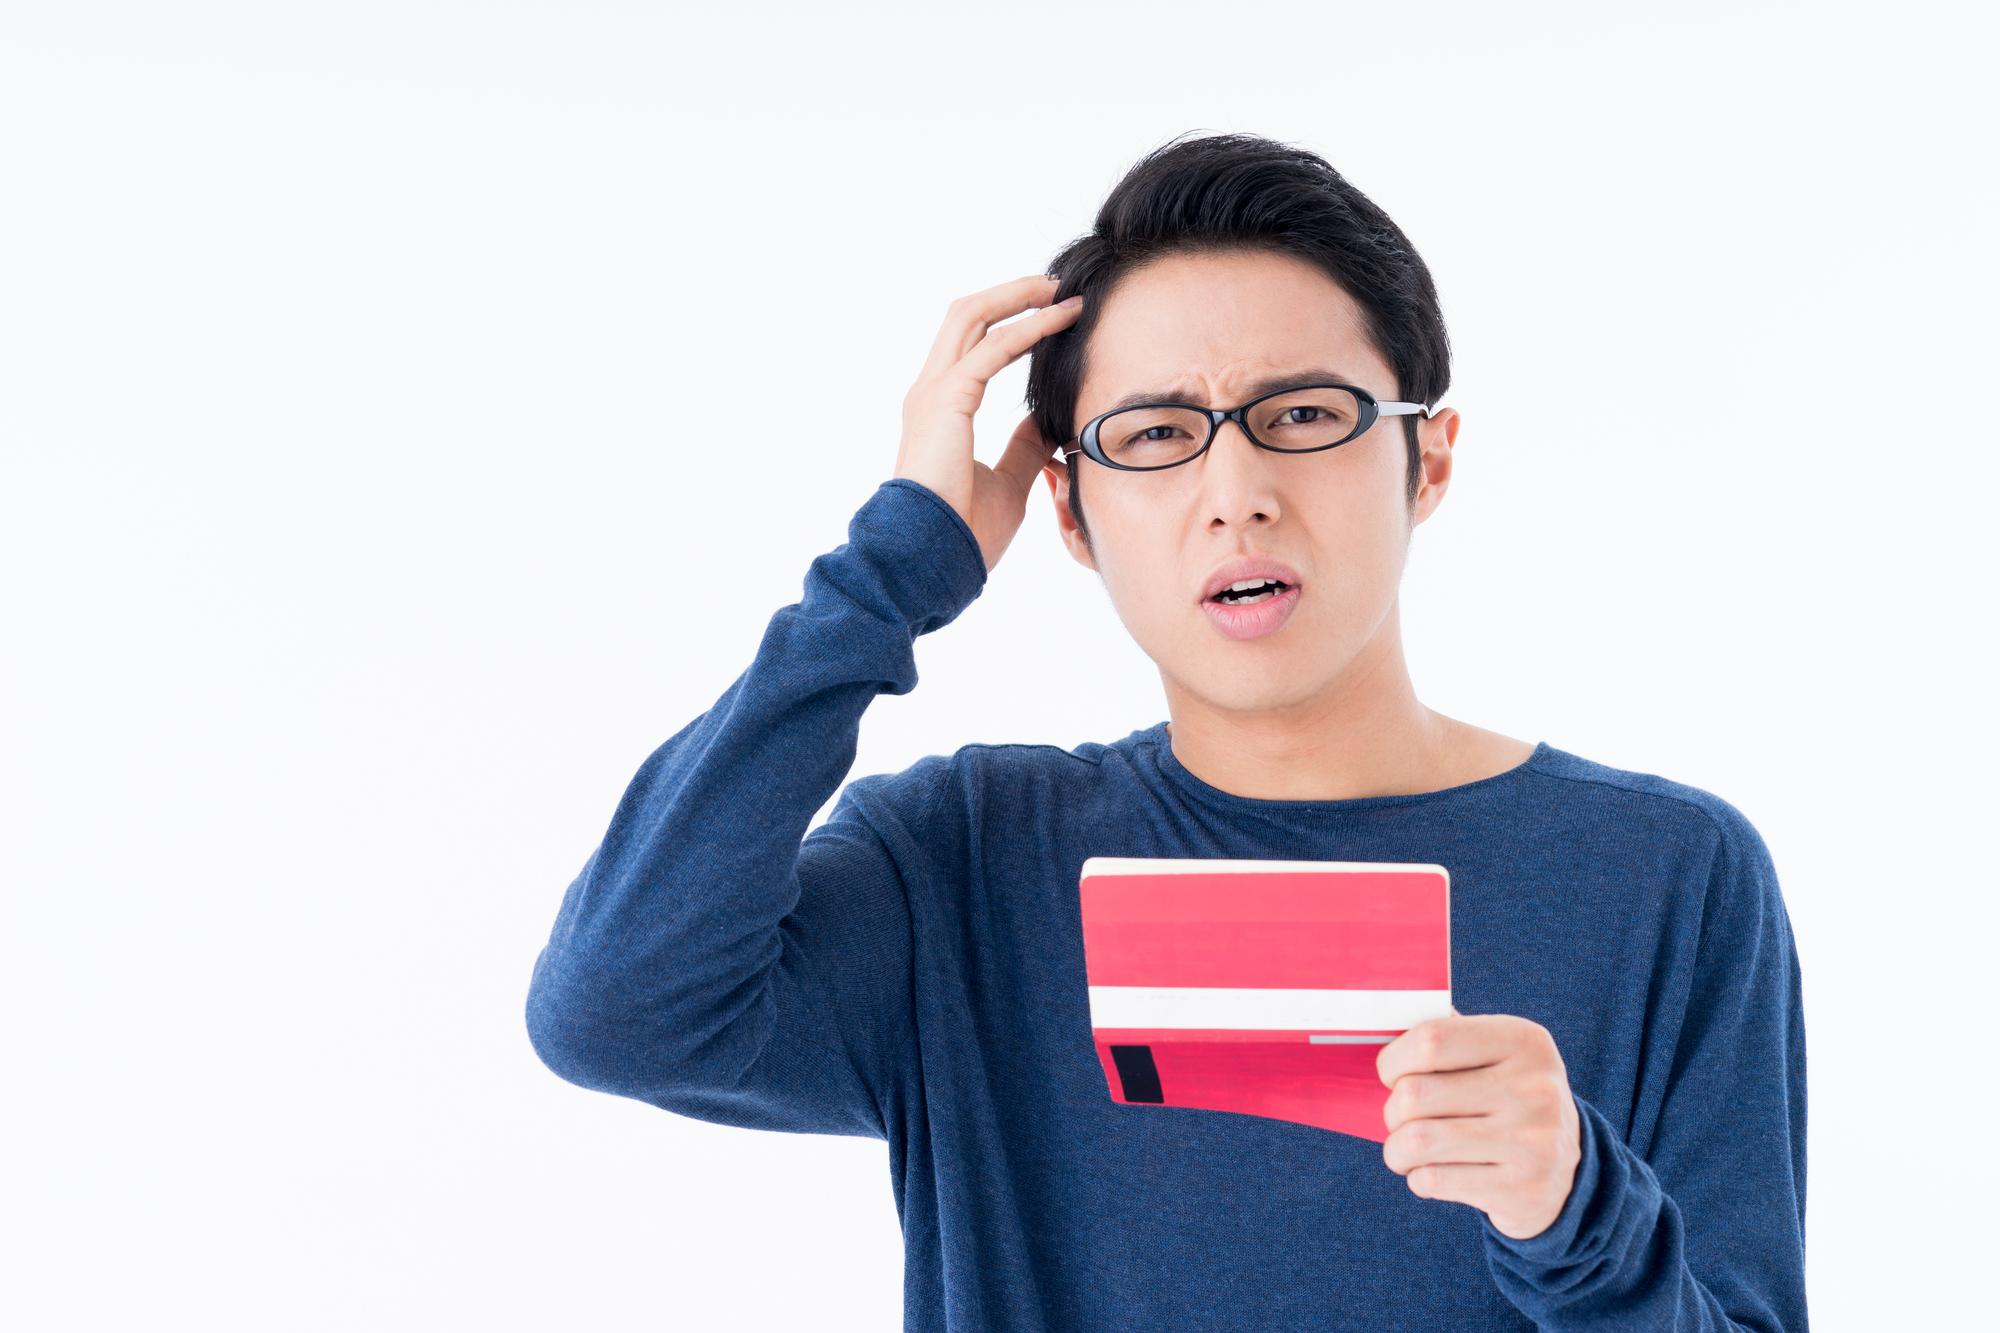 債務整理費用を分割払い